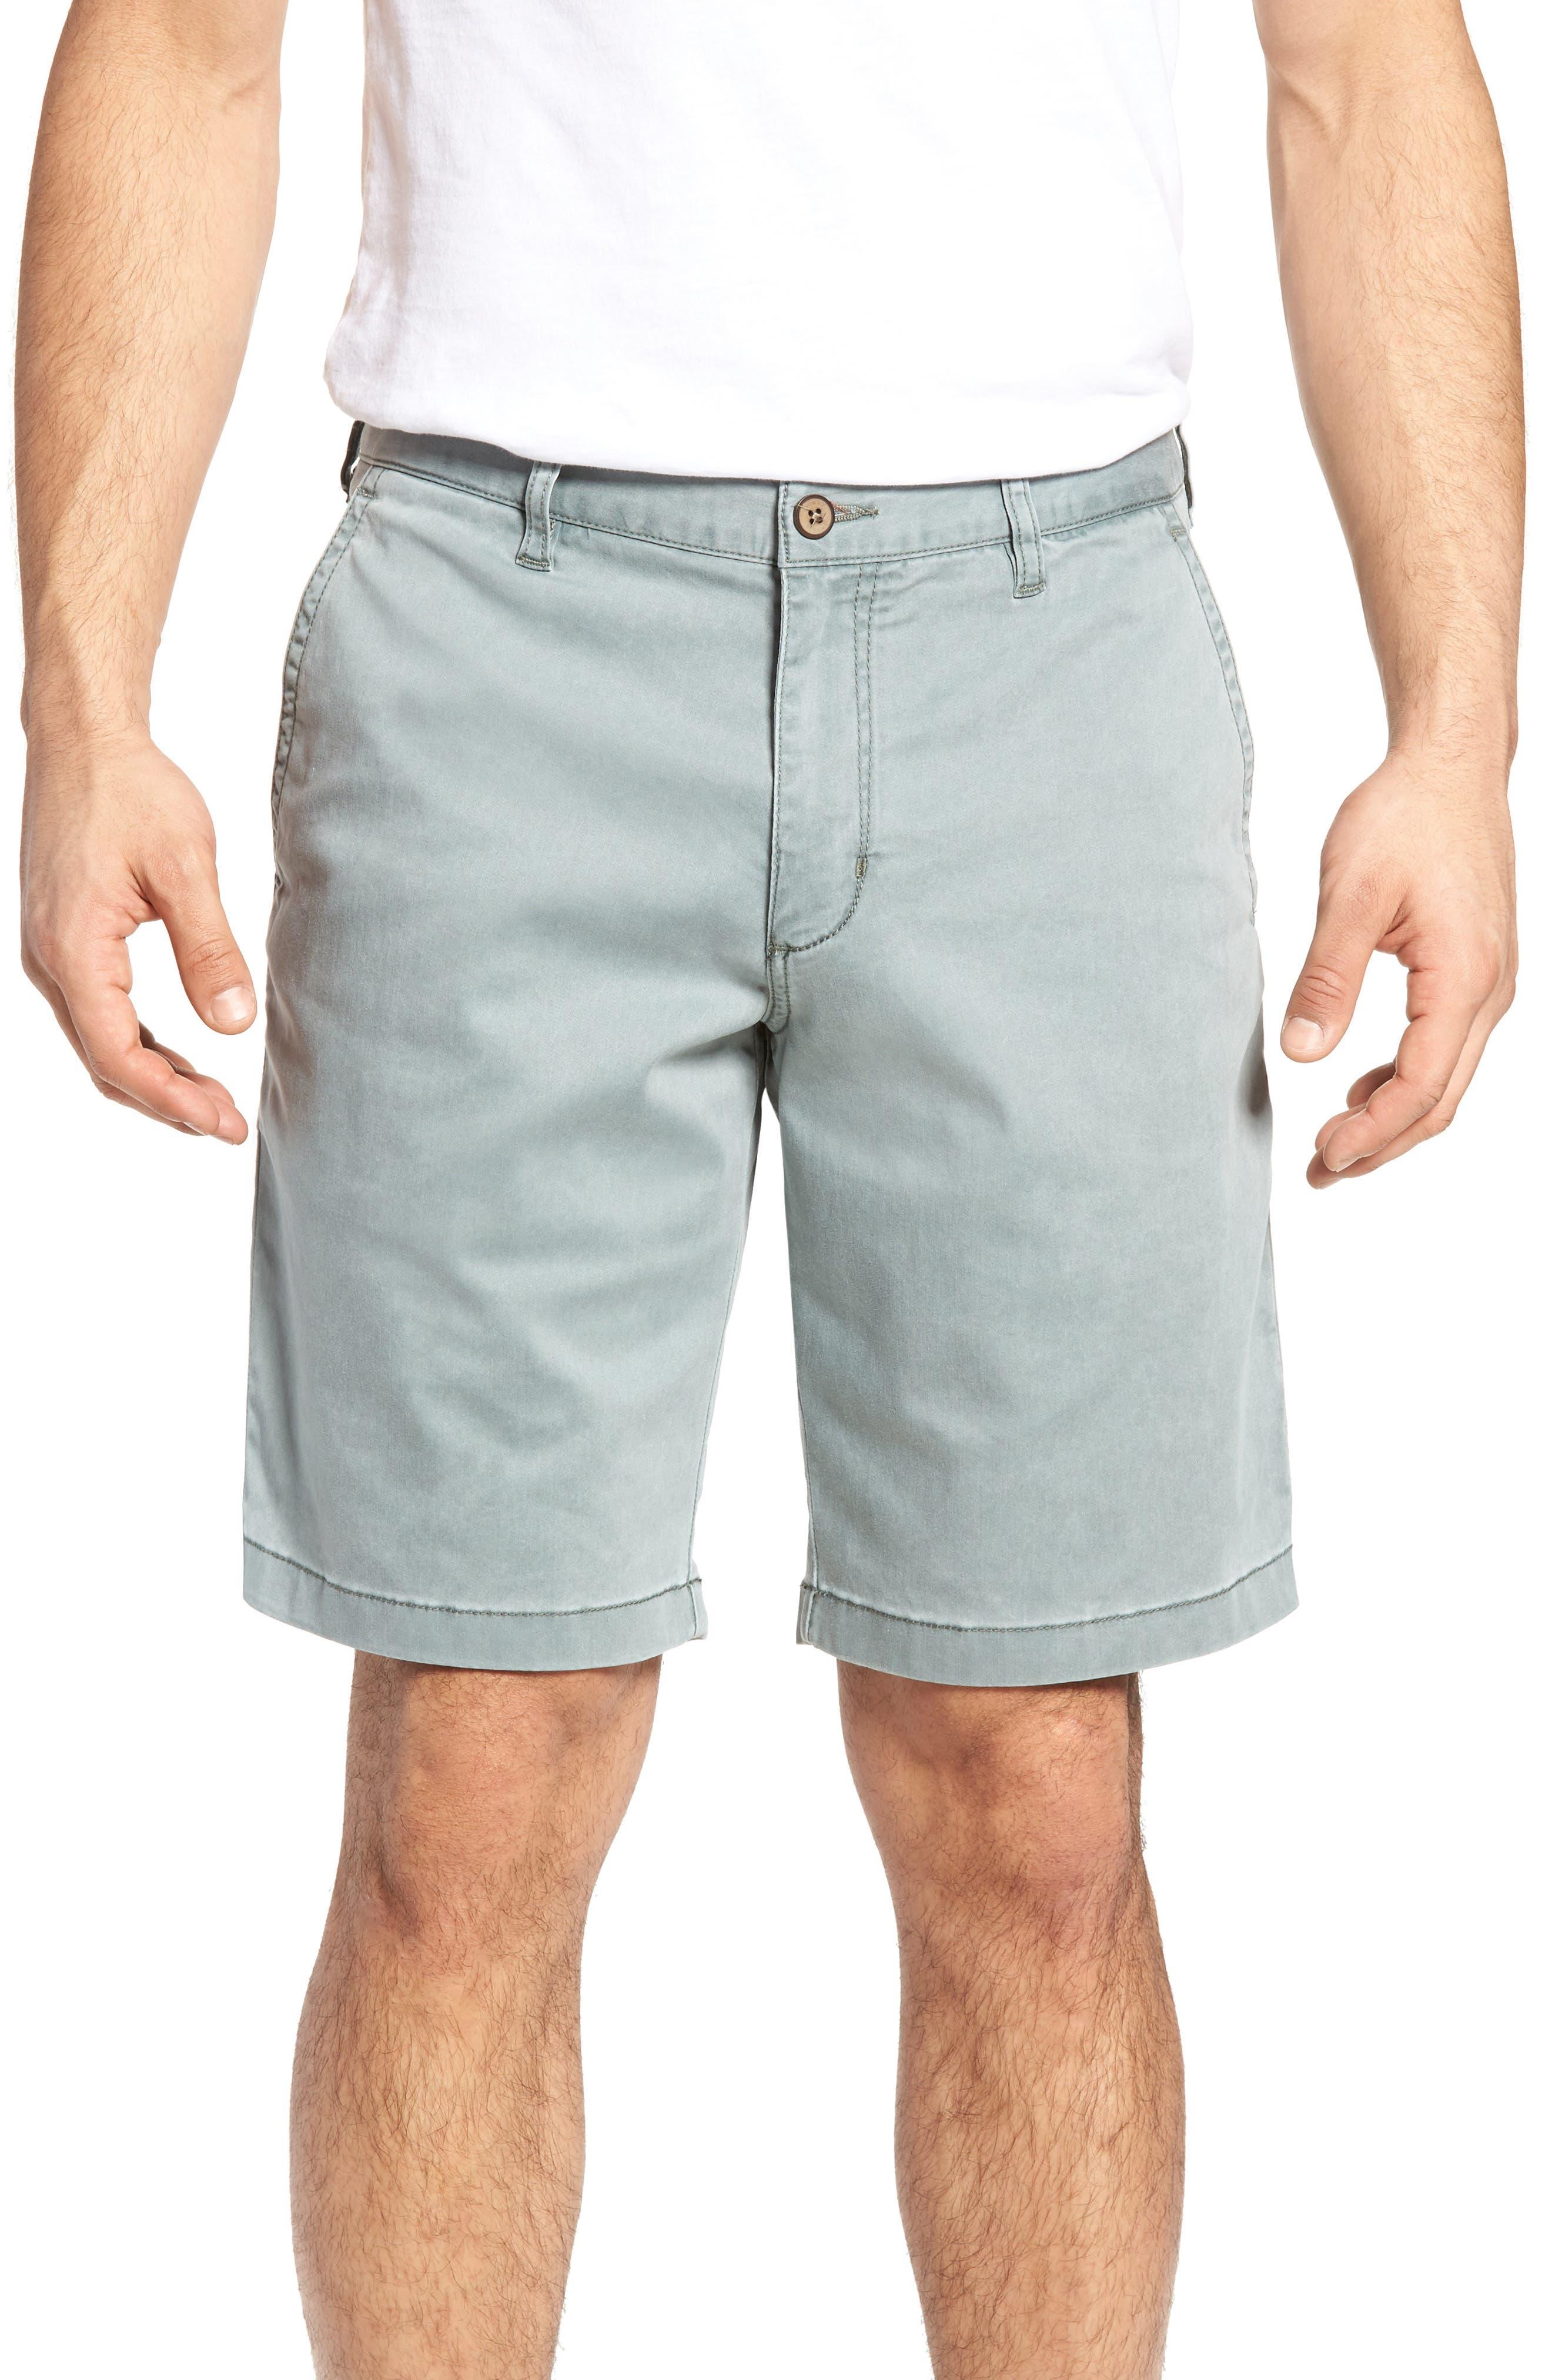 Tommy Bahama Boracay Chino Shorts (Big & Tall)